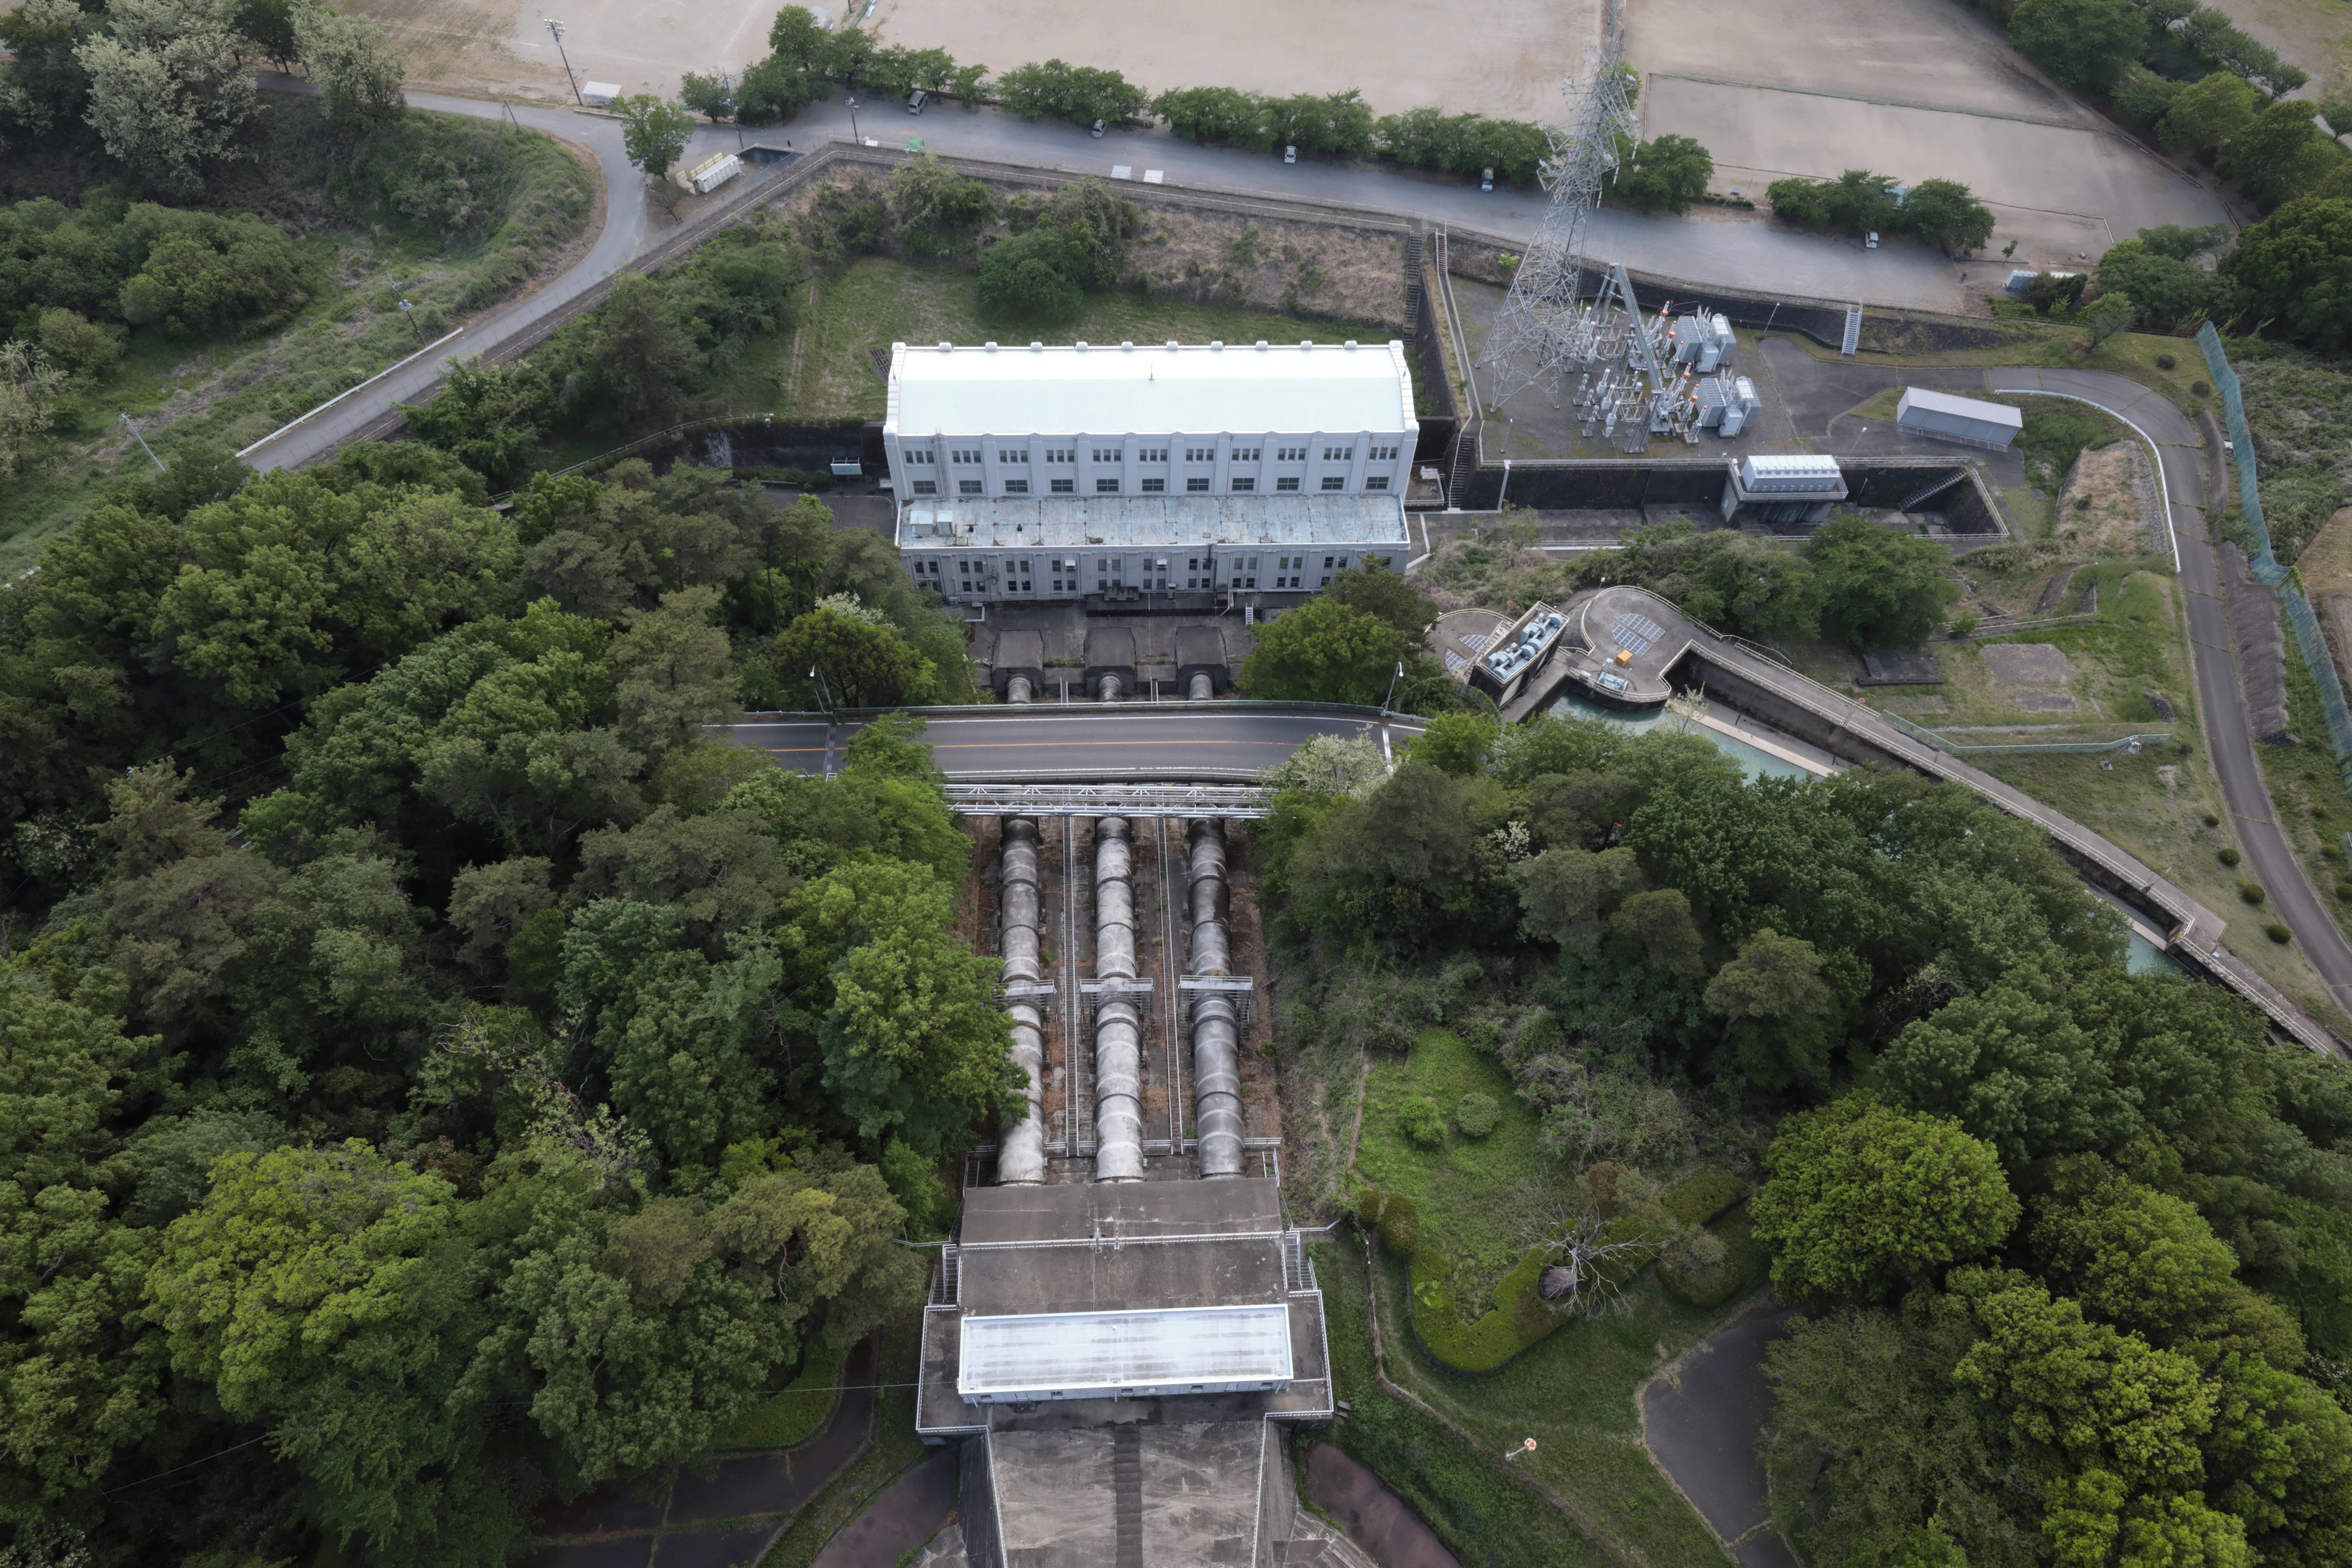 発電所の建屋と3本の鉄管